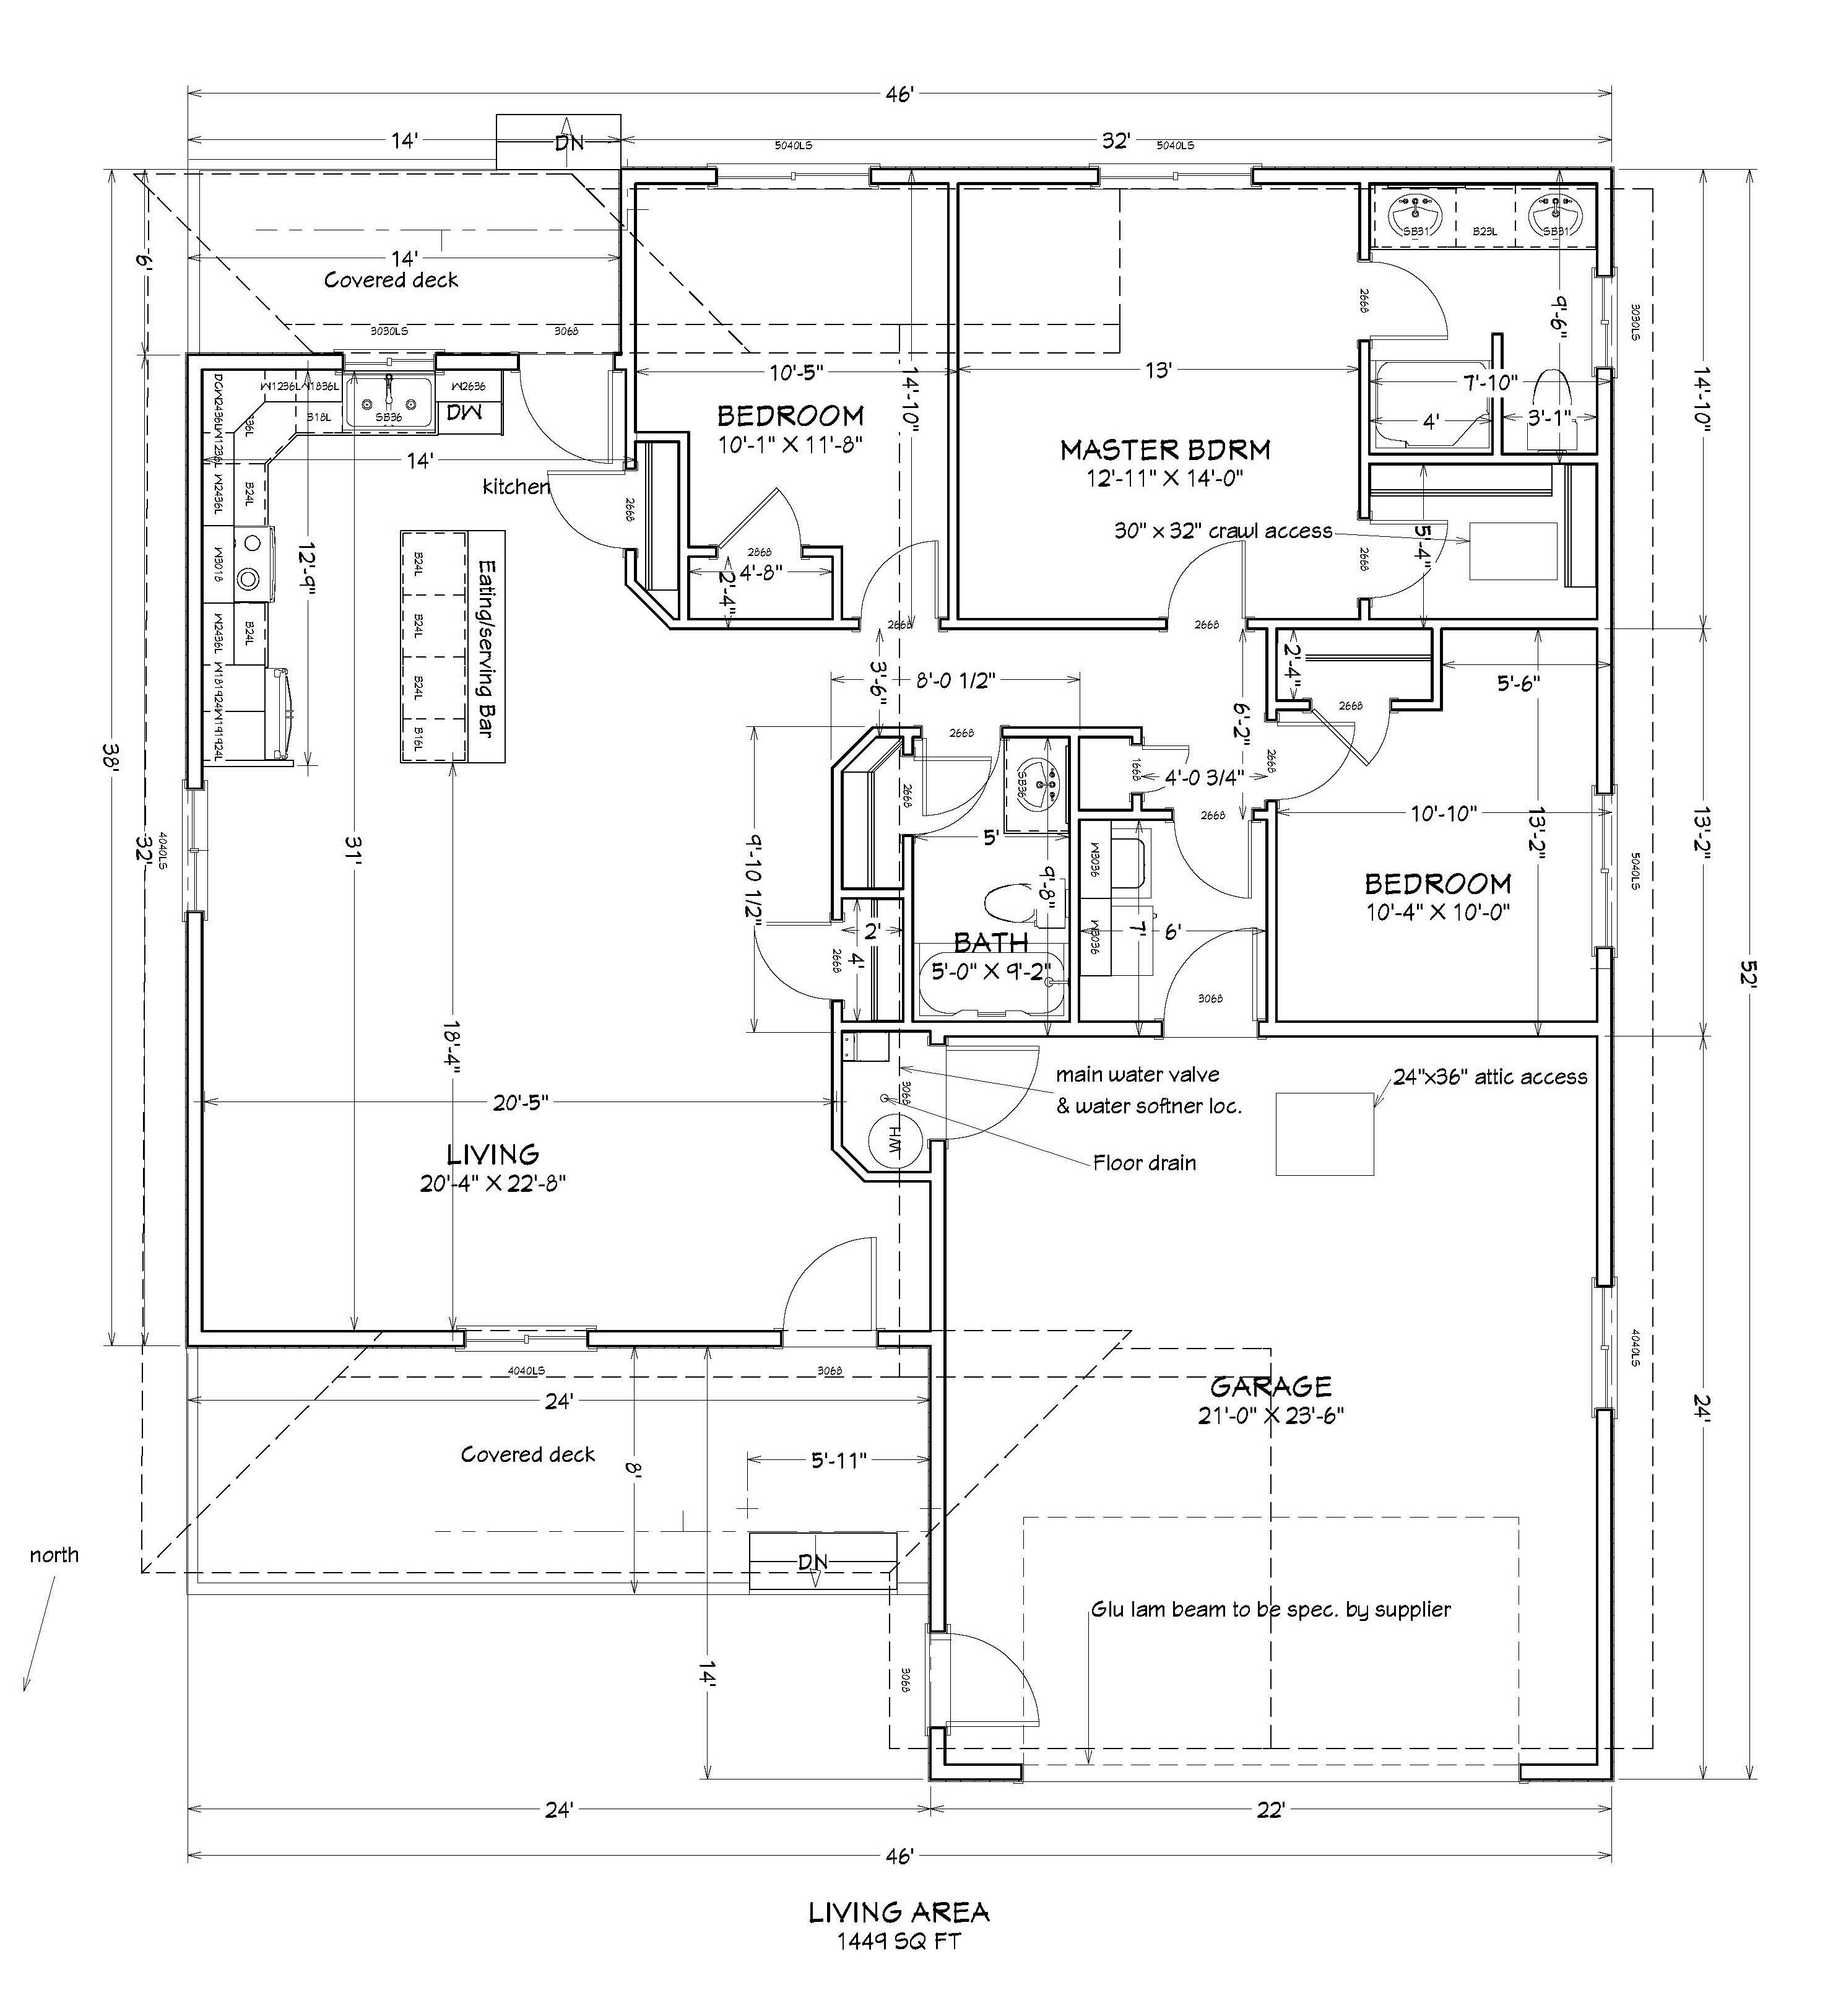 lot 6 floor plan 10-10-18 crop